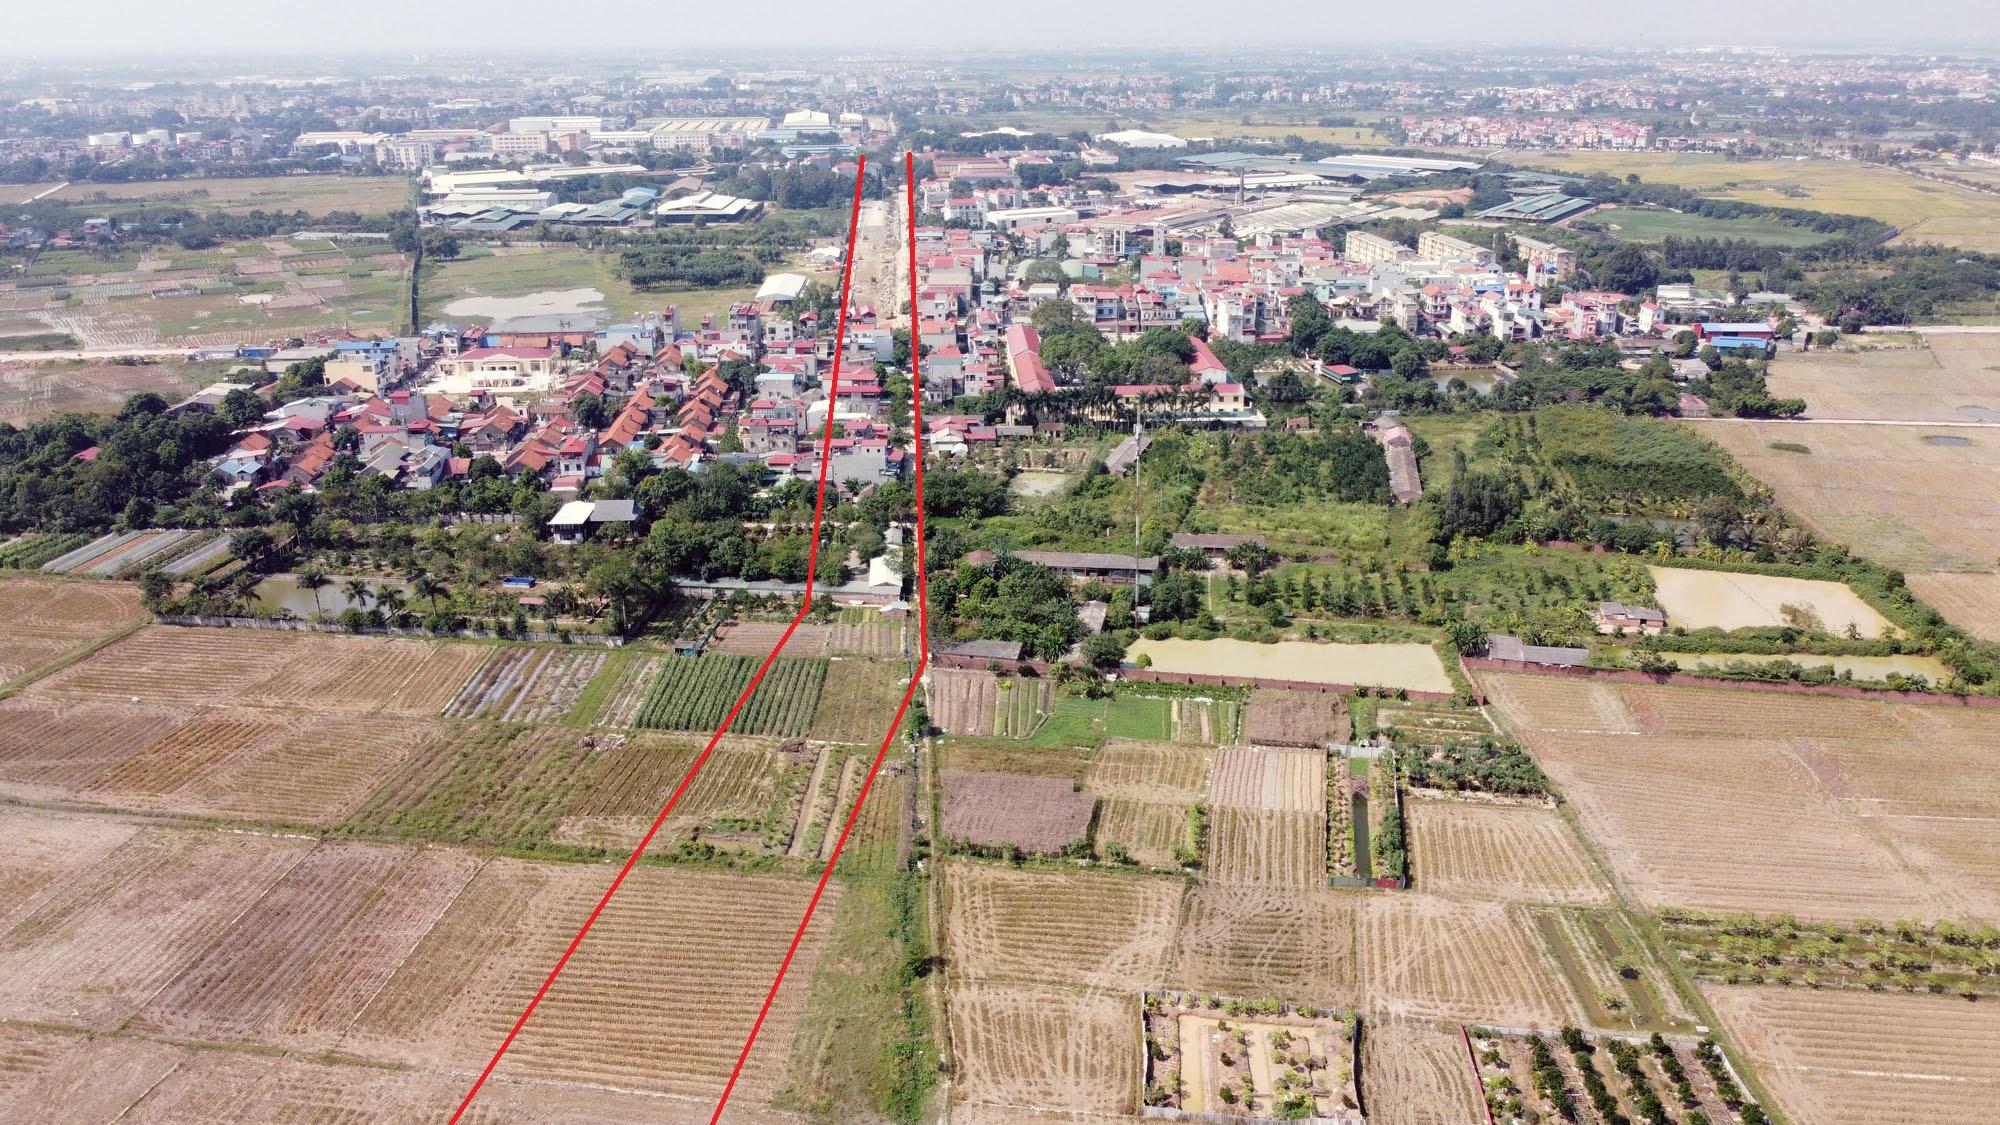 Ba đường sẽ mở theo qui hoạch ở xã Xuân Nộn, Đông Anh, Hà Nội - Ảnh 3.